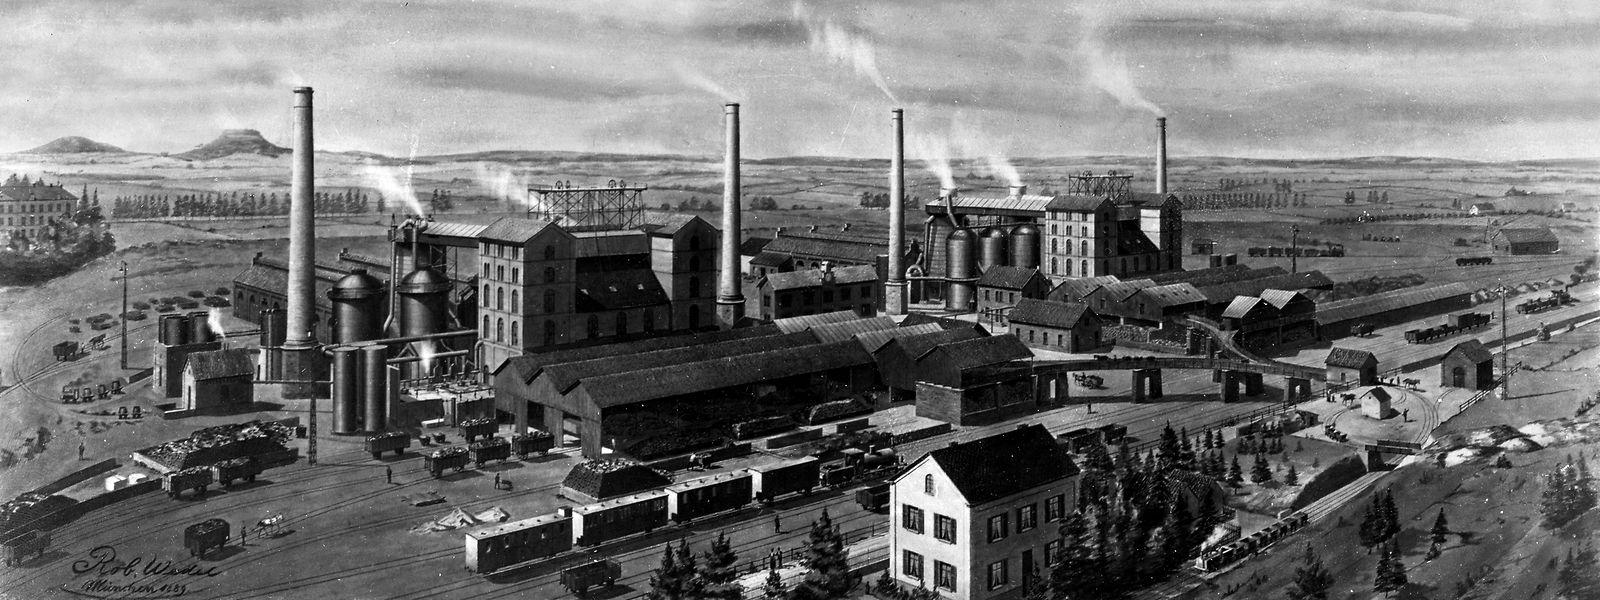 Die Metzeschmelz (später Esch-Schifflingen) im Jahr 1889. Der Bau der Schmelzen trug erheblich zur Stadtentwicklung bei.